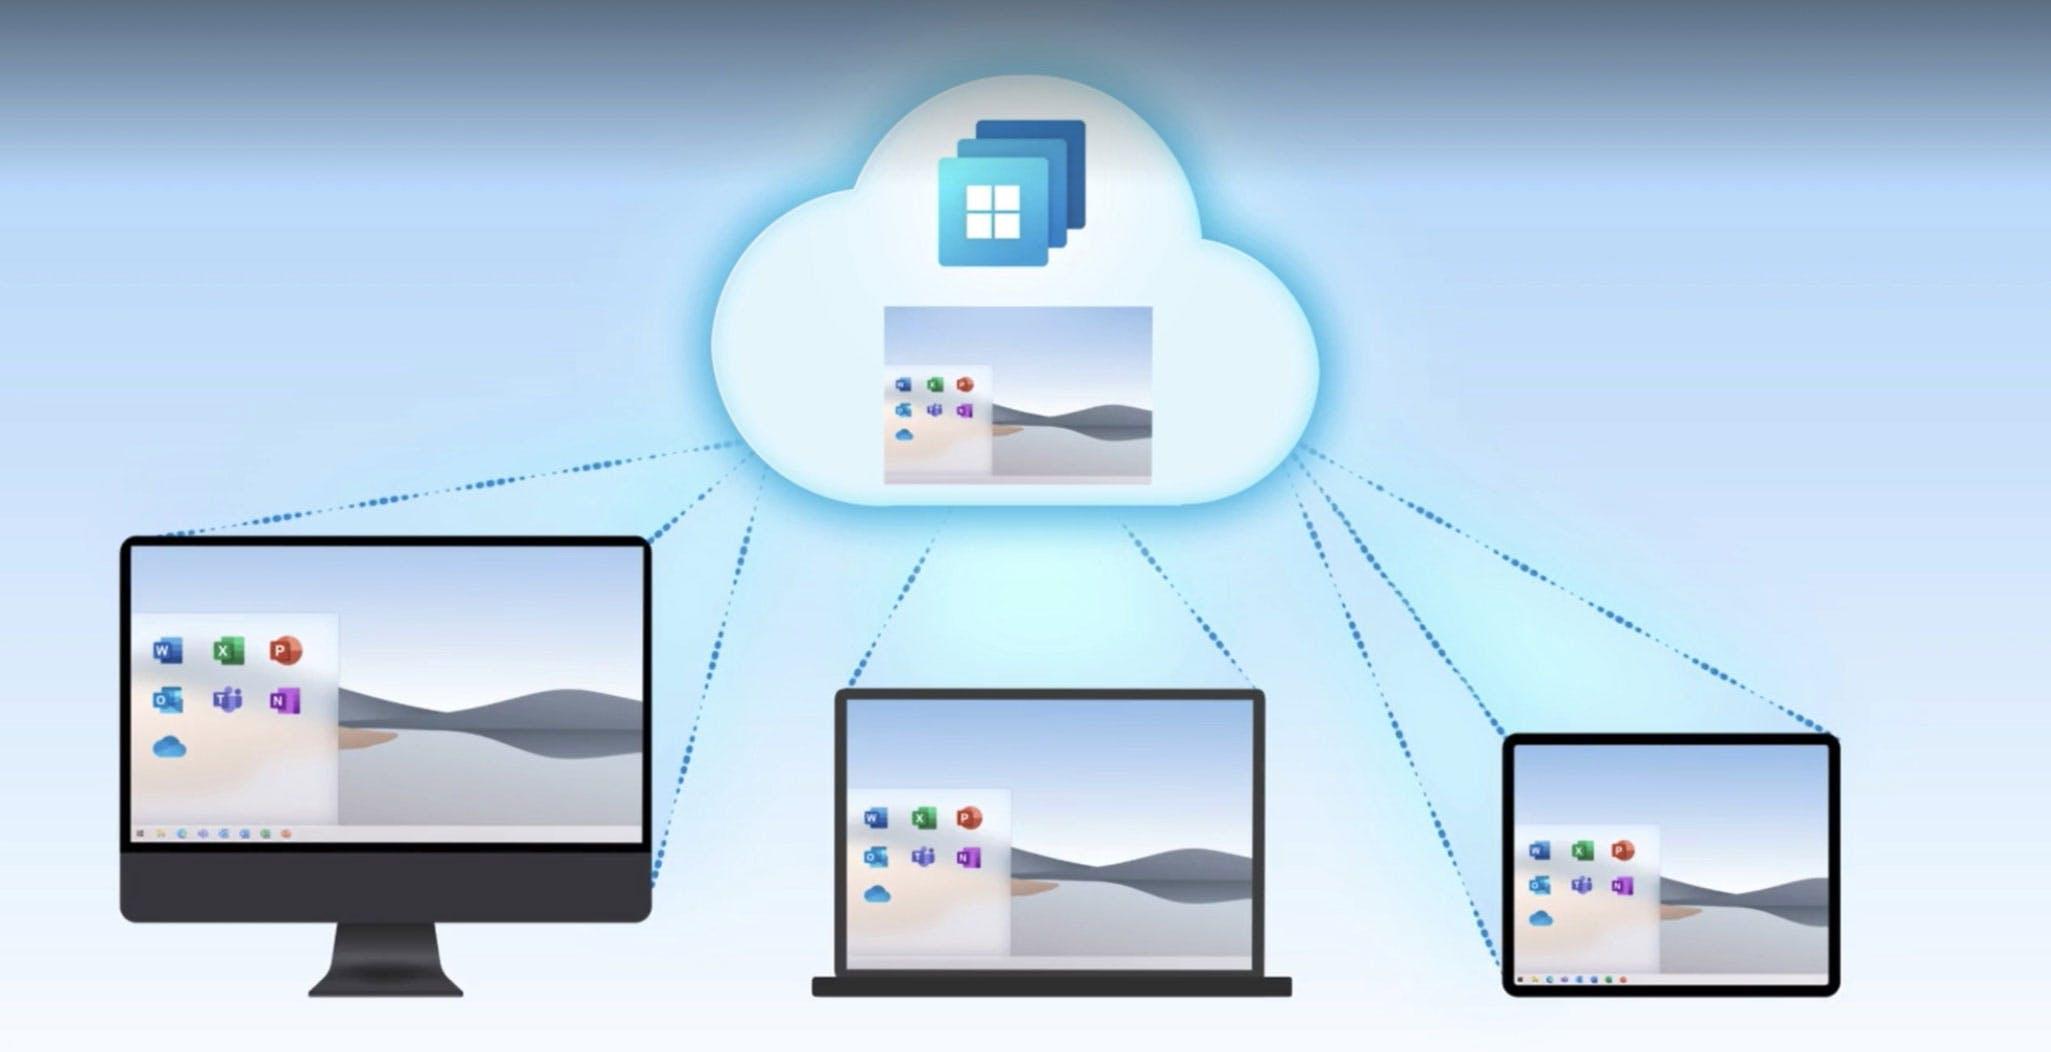 Microsoft annuncia Windows 365: completamente in cloud, funziona con ogni dispositivo. Anche con Fire TV Stick o iPad